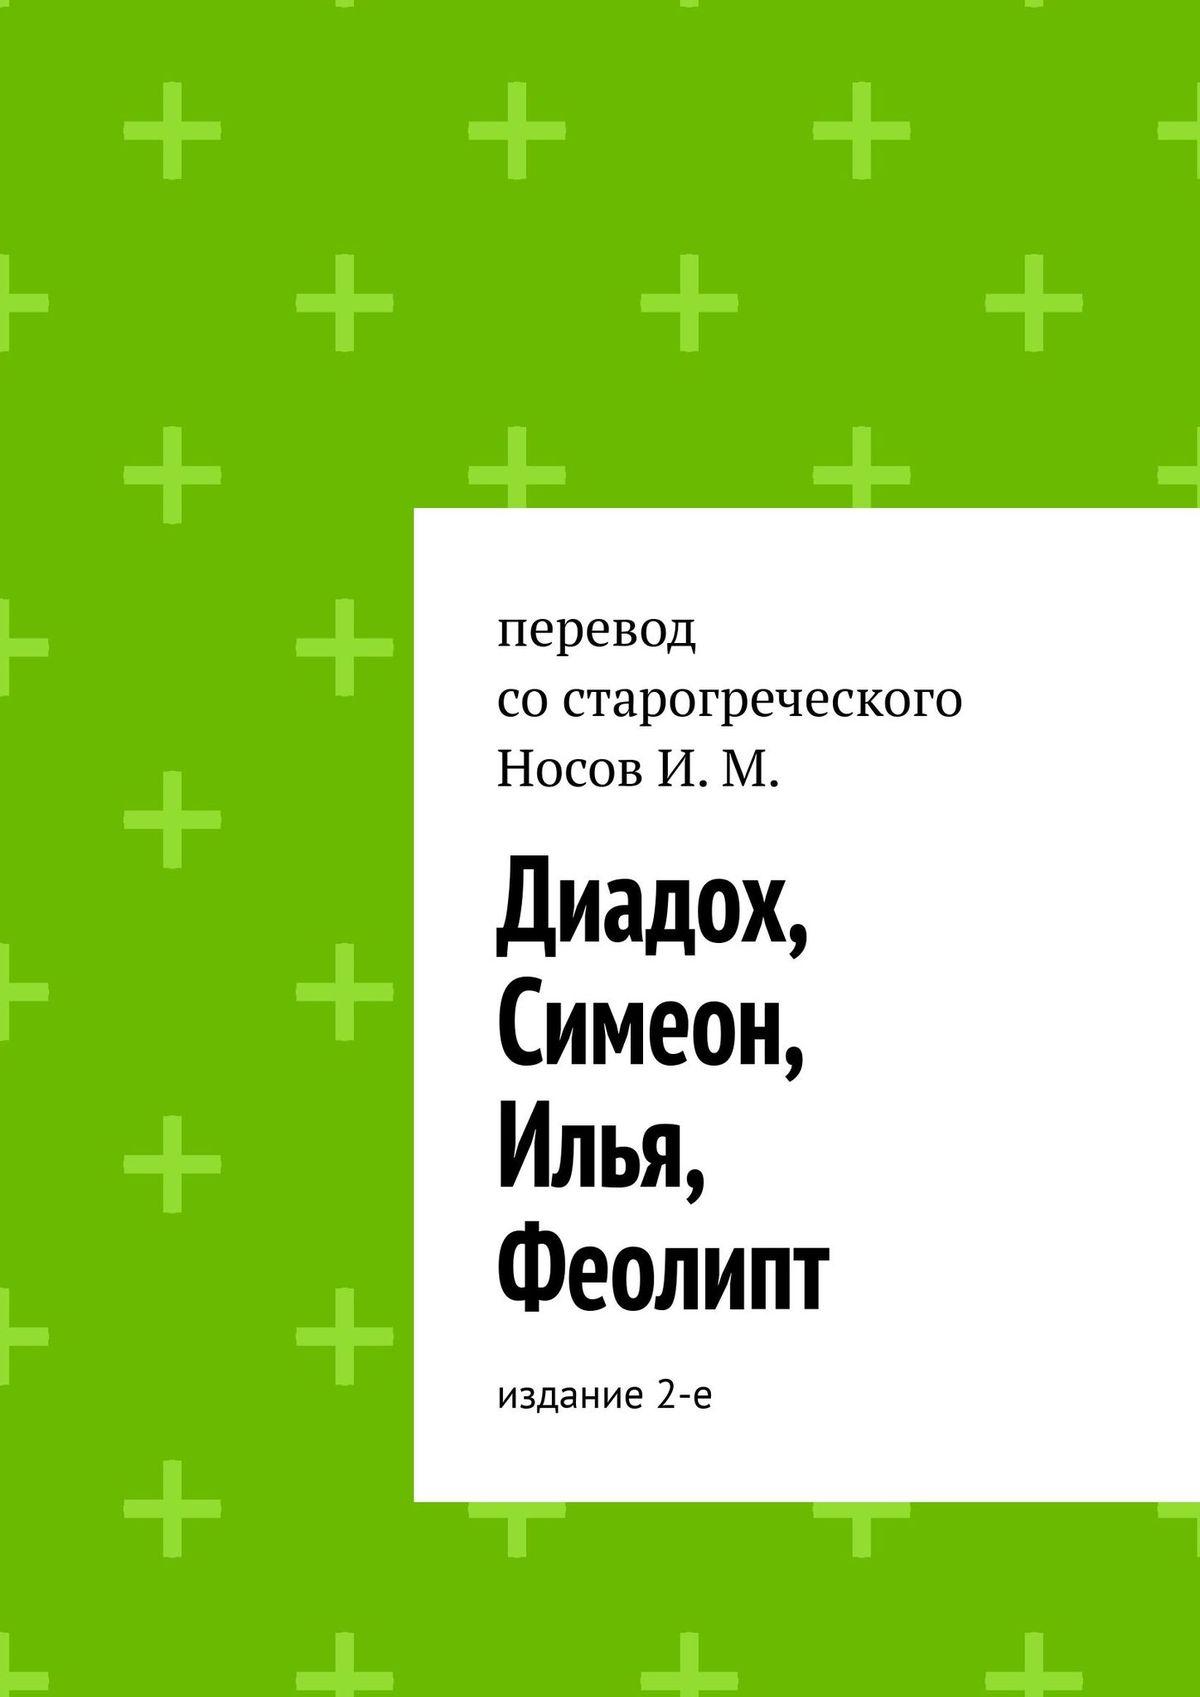 Илья Михайлович Носов Диадох, Симеон, Илья, Феолипт. Издание 2-е цена